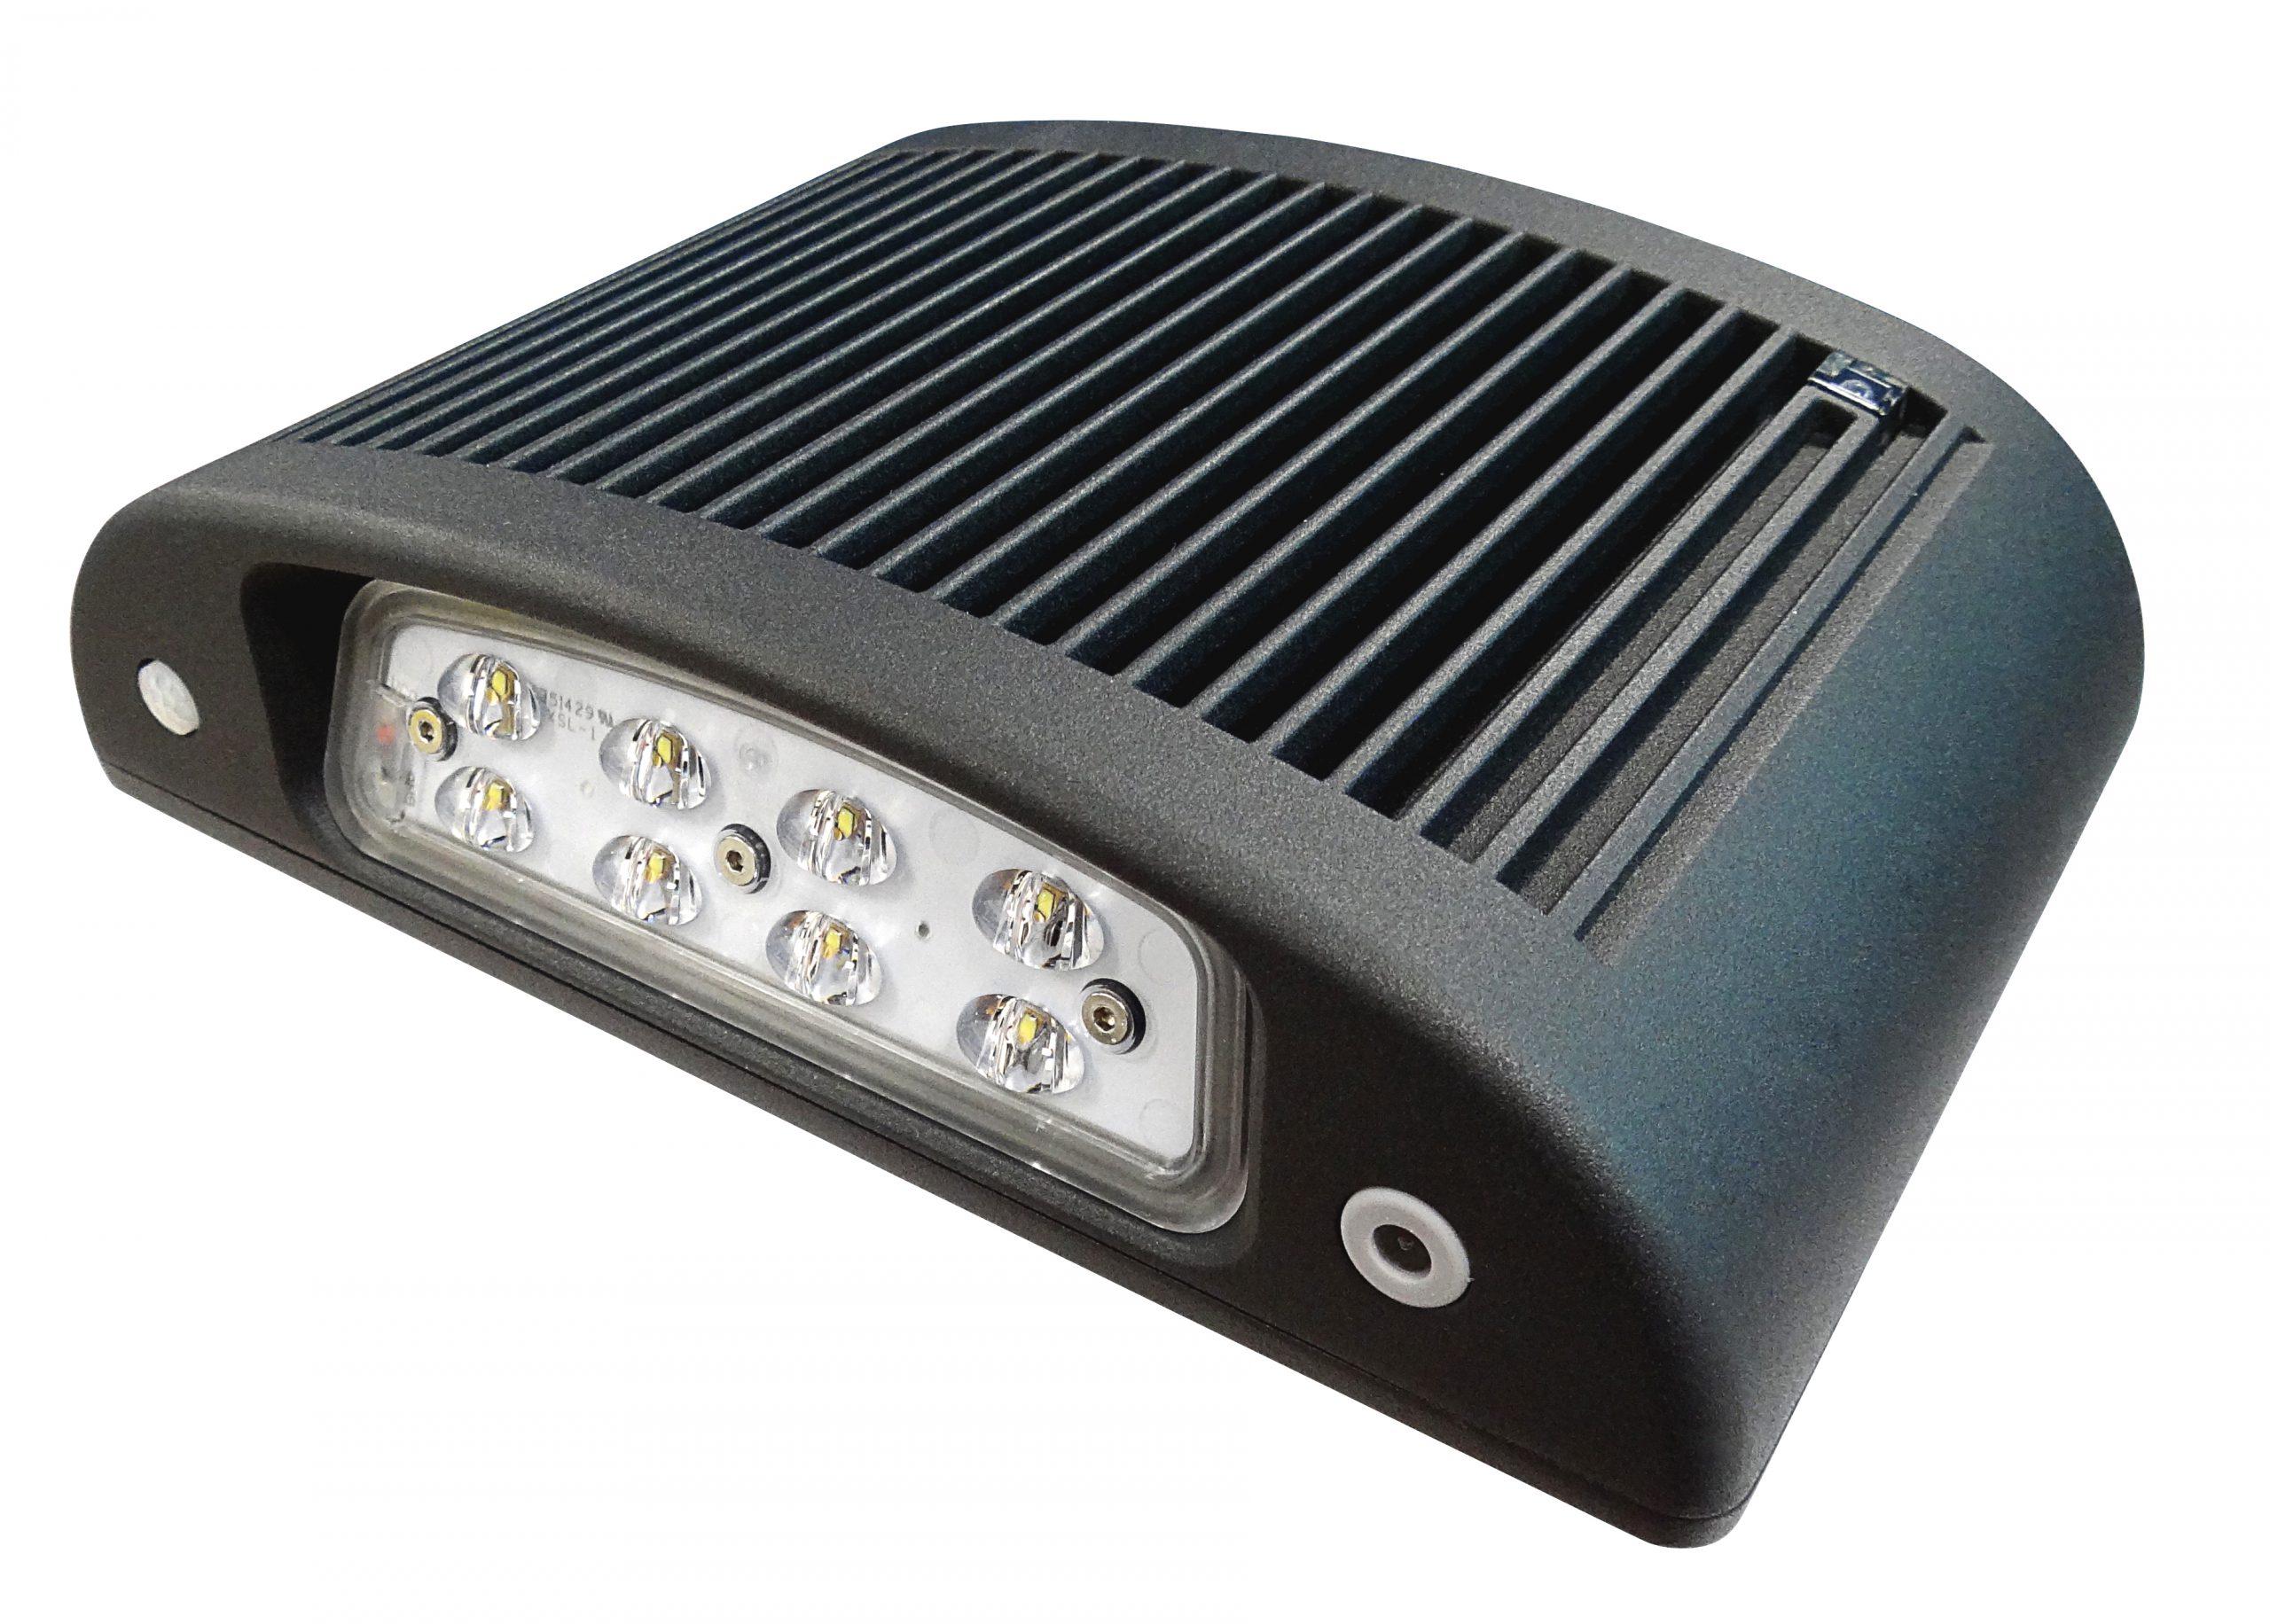 /////Mule Lighting - MERU Series LED